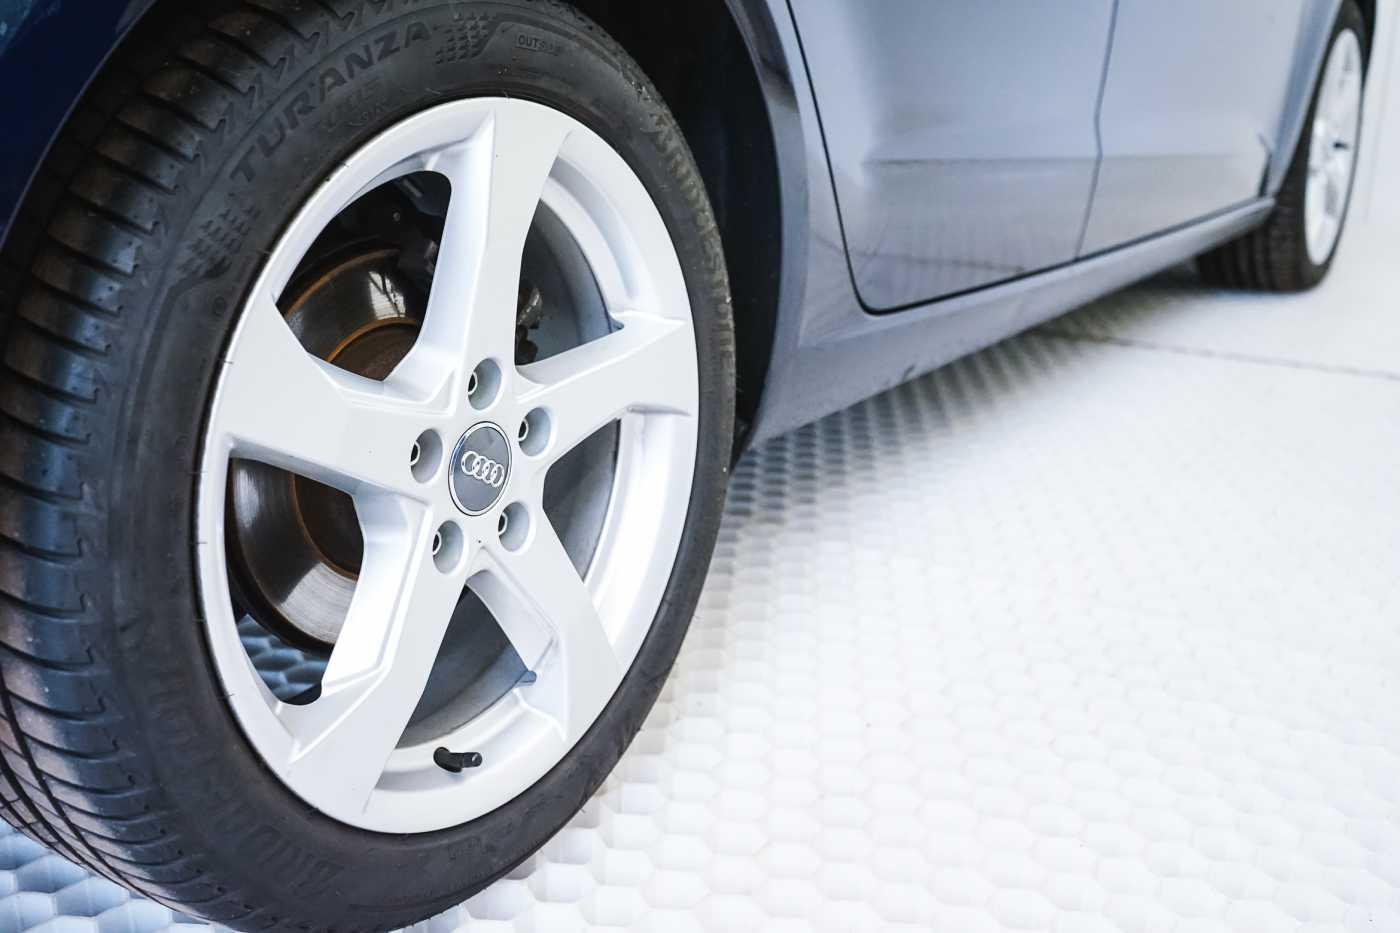 Audi A3 1.6 TDi Sport // dualzone airco, navi, zetelverwarming 8/33